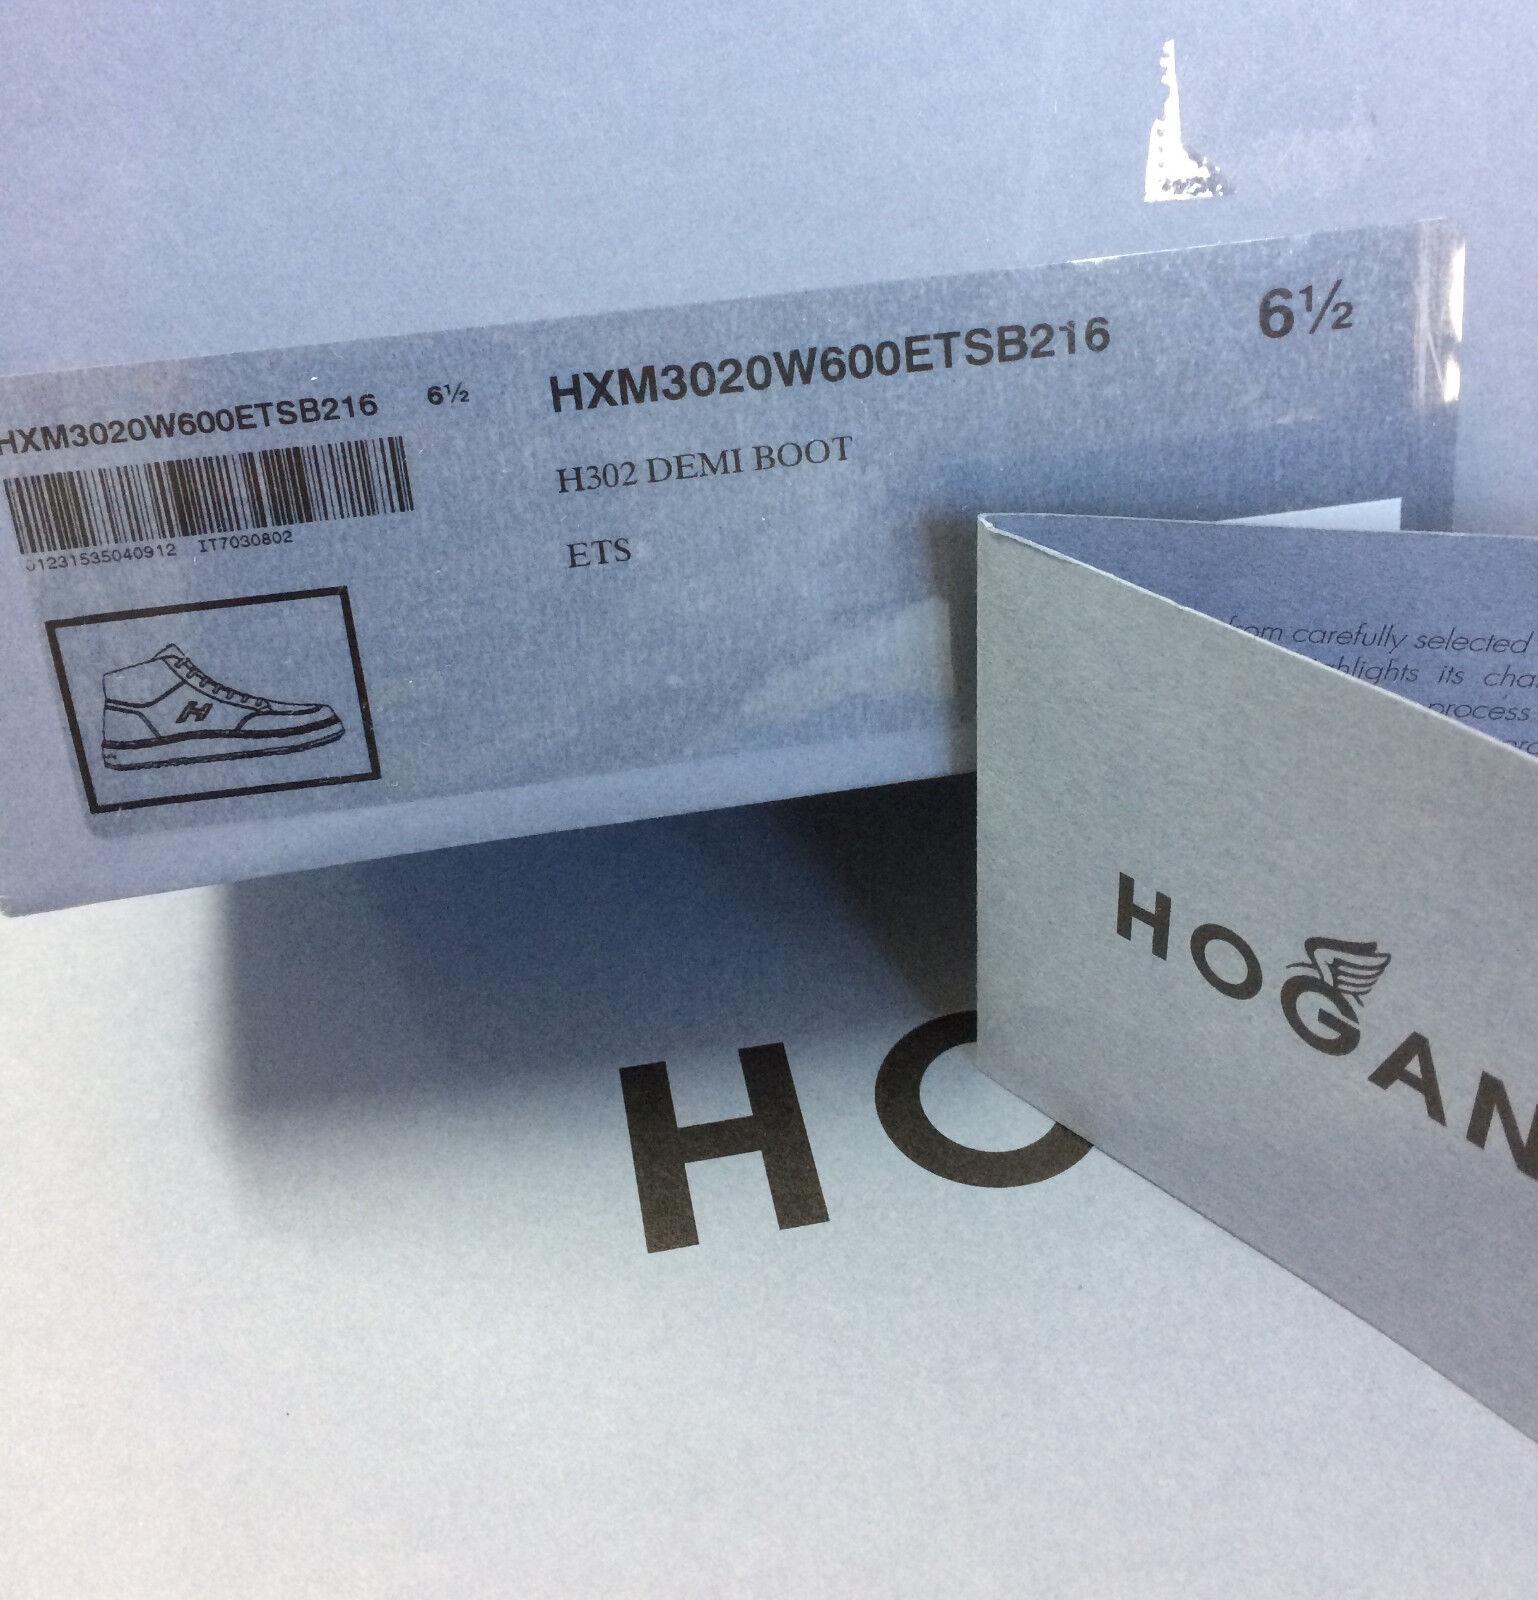 scarpe hogan polacco uomo tg. 6 5 ita 40 5 testa di moro nuove 100%  originali ff10cbb8c9f